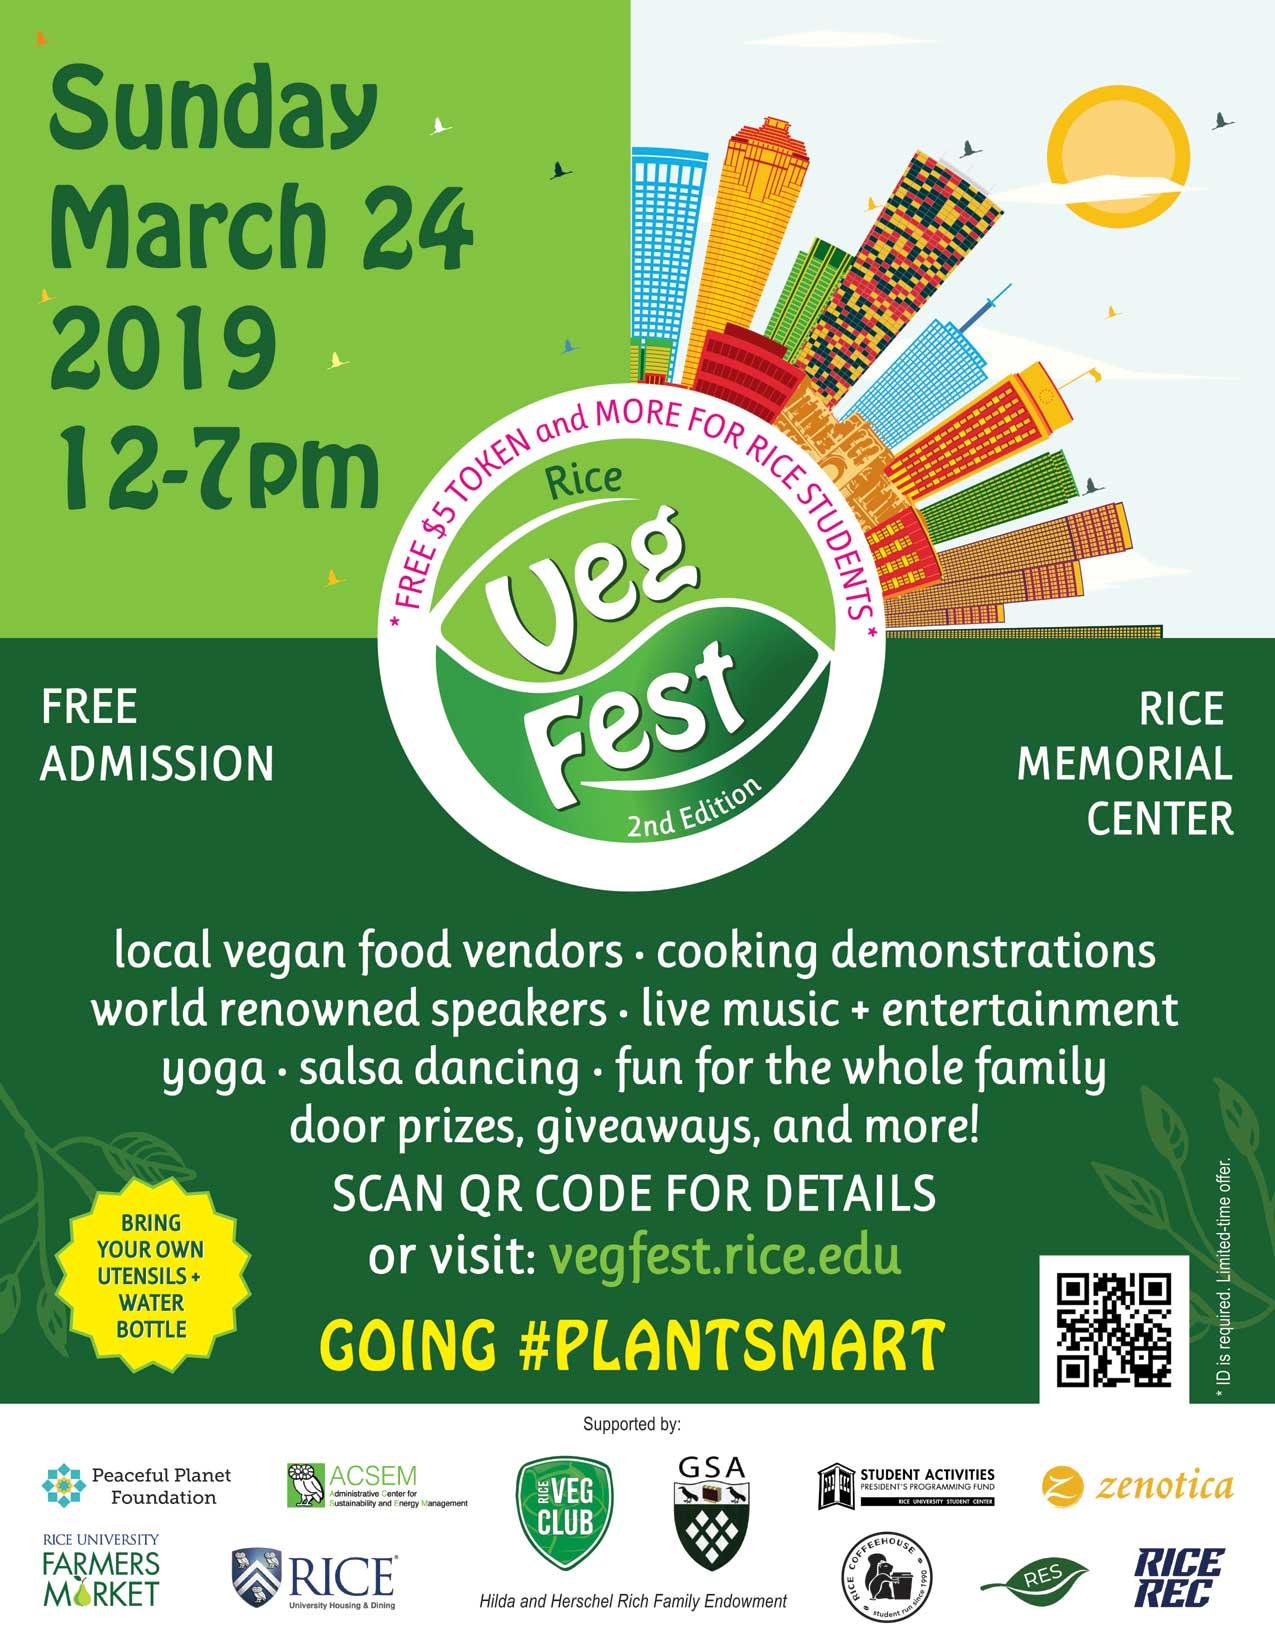 Rice Veg Fest